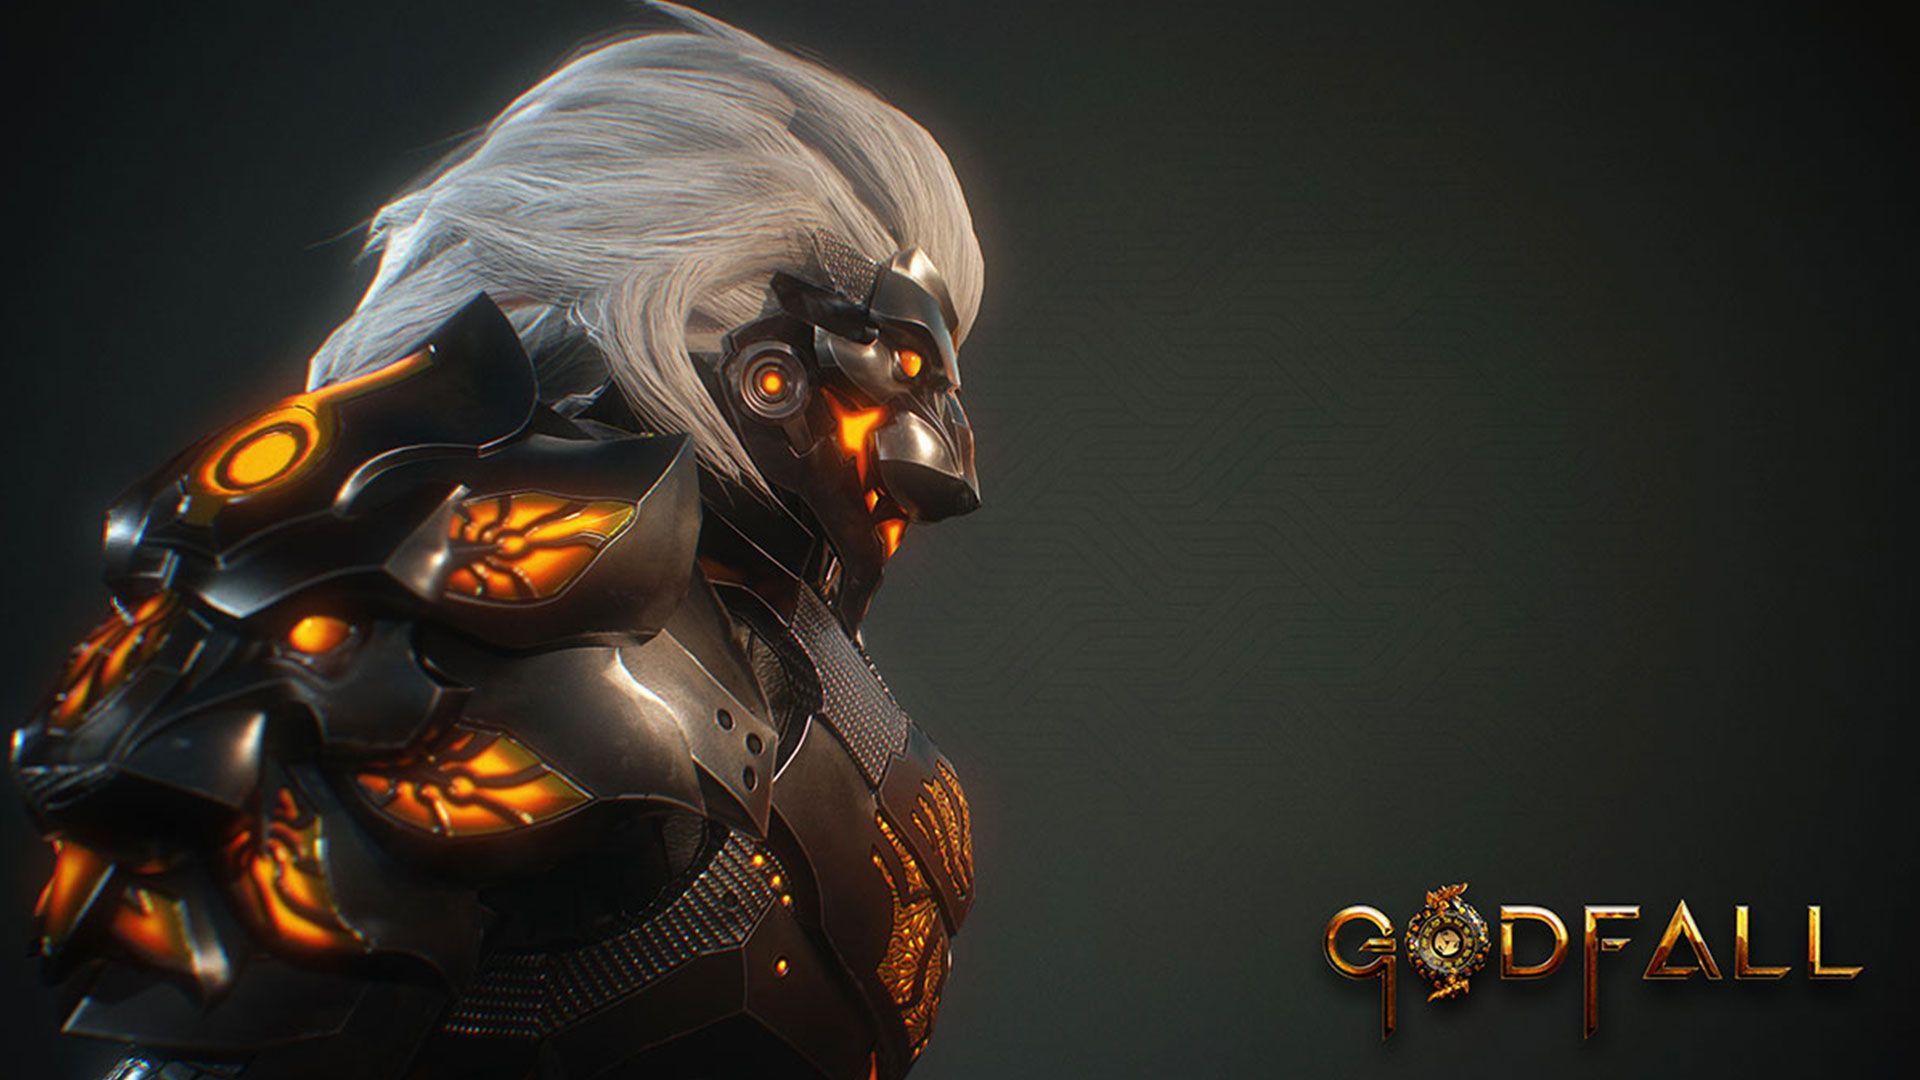 GodFall: novas imagens destacam personagens principais 2